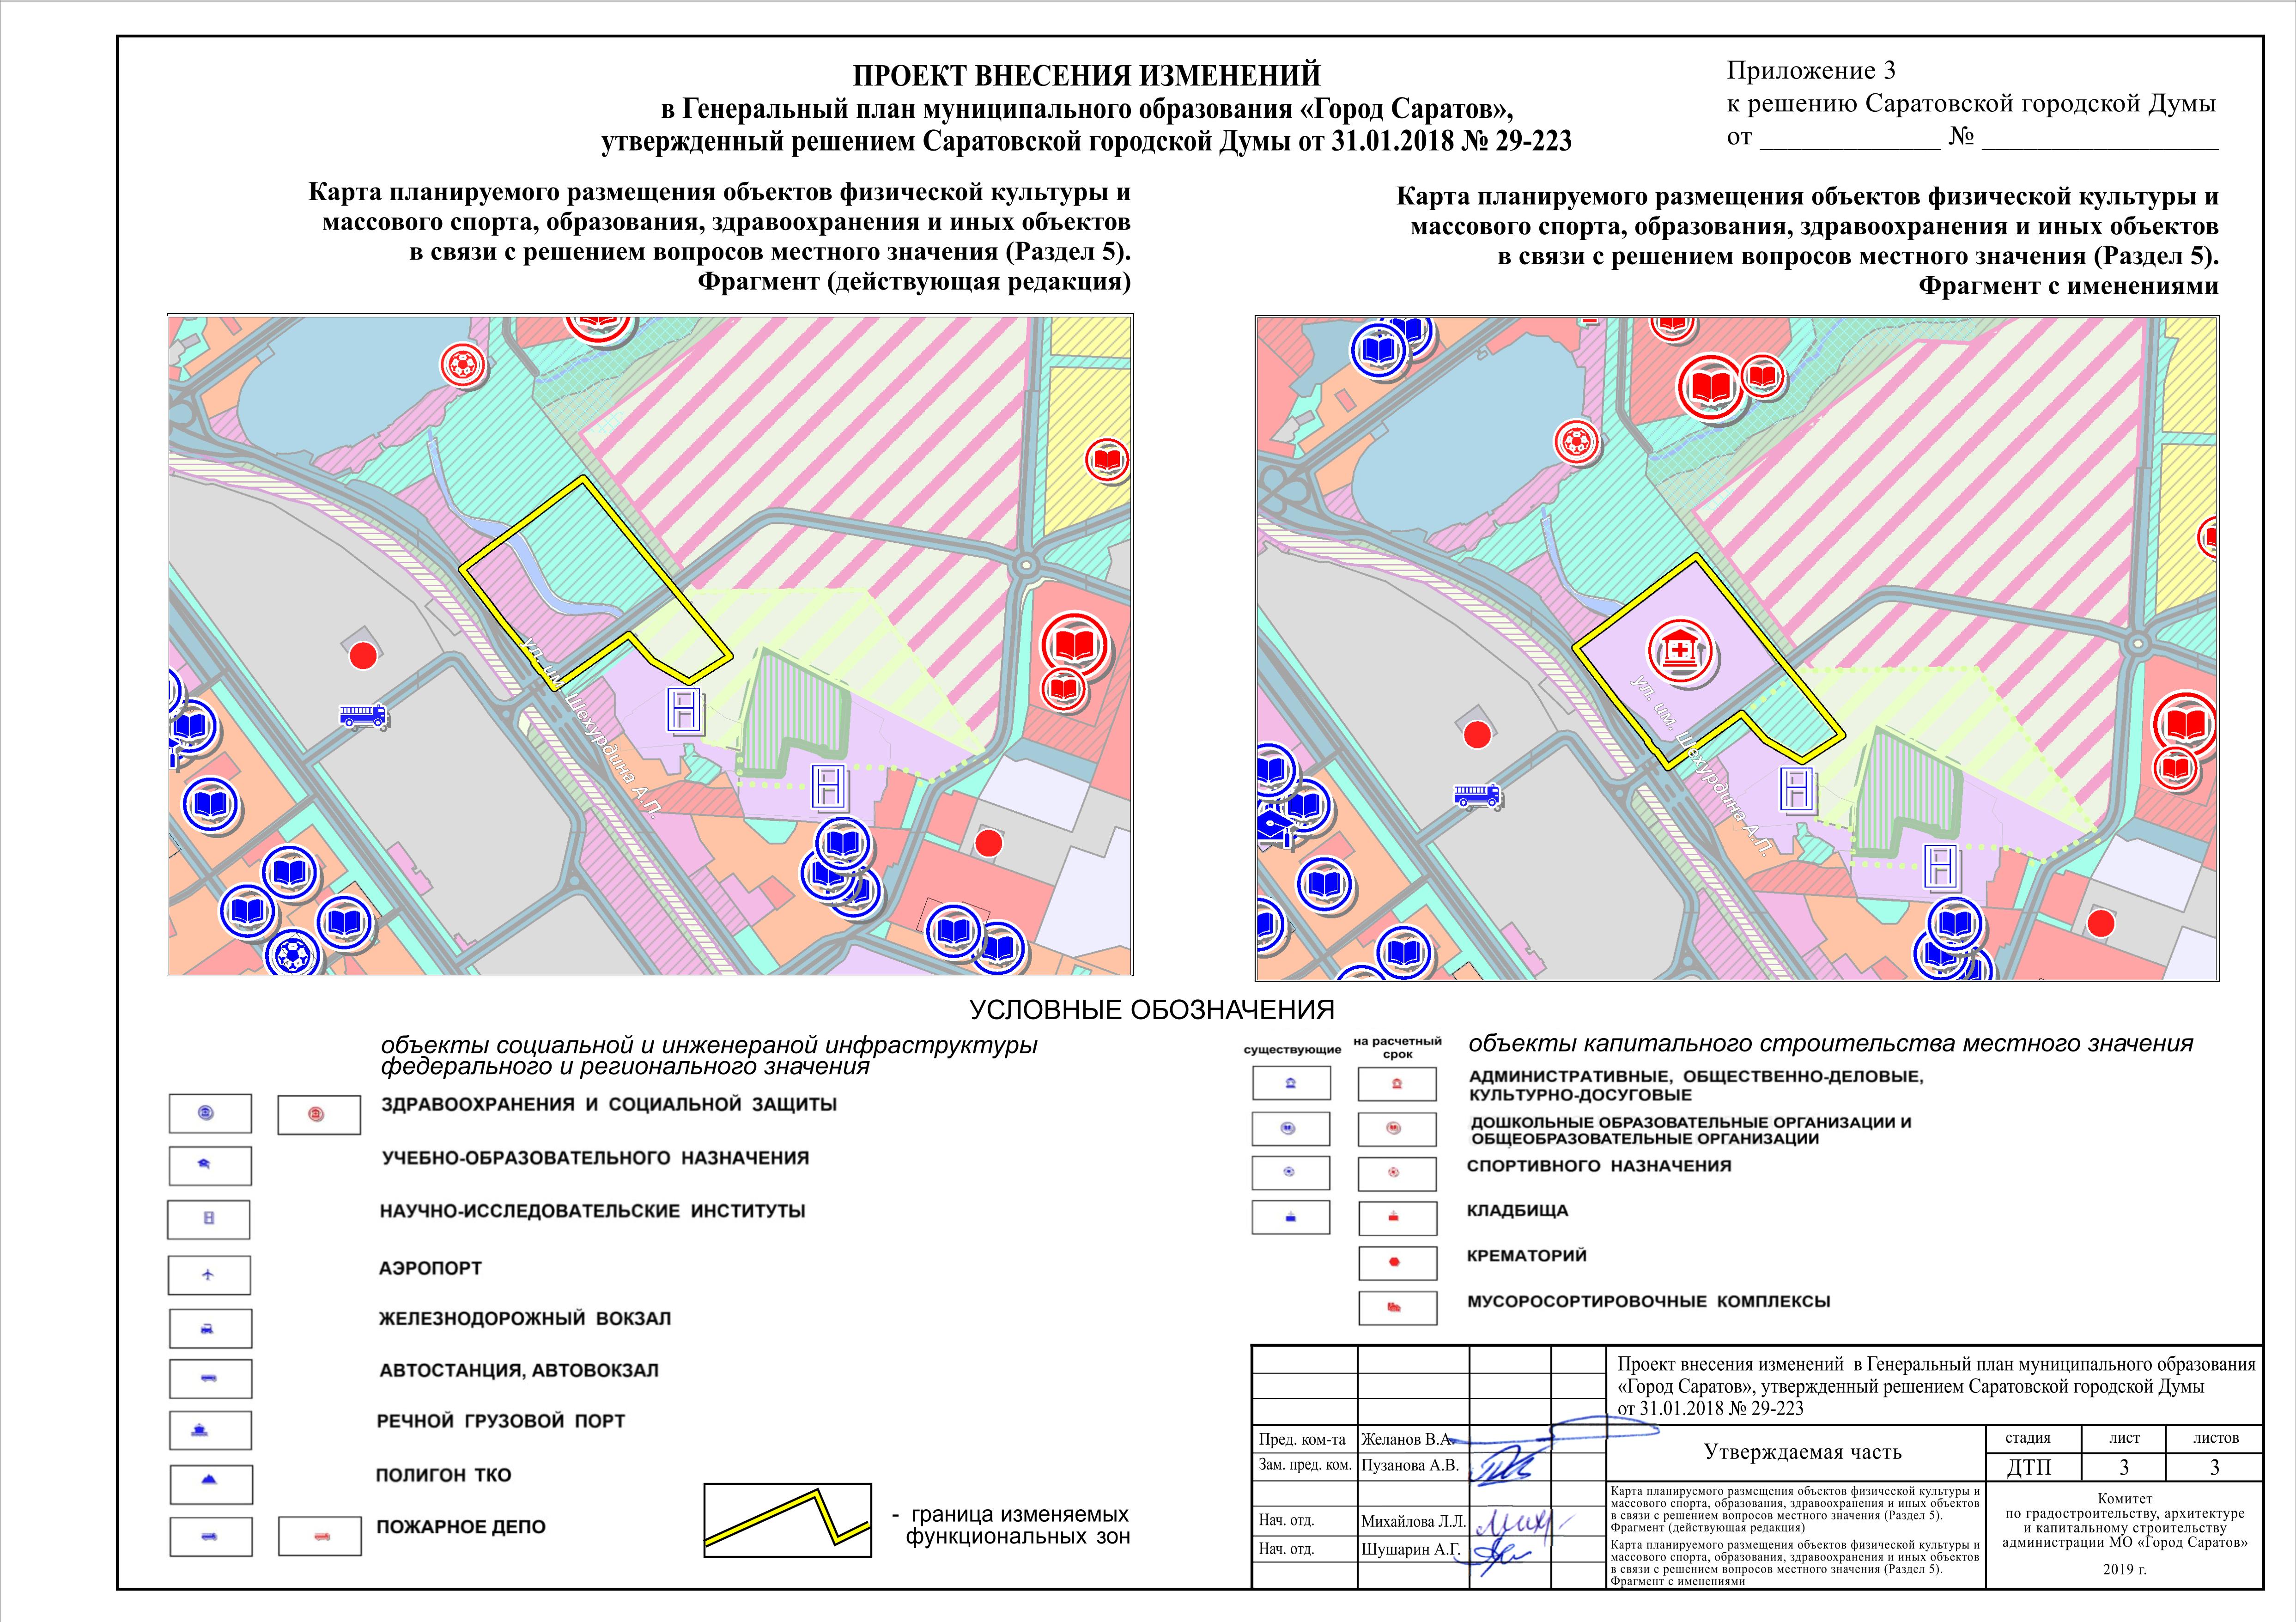 Карта планируемого размещения объектов_фрагмент